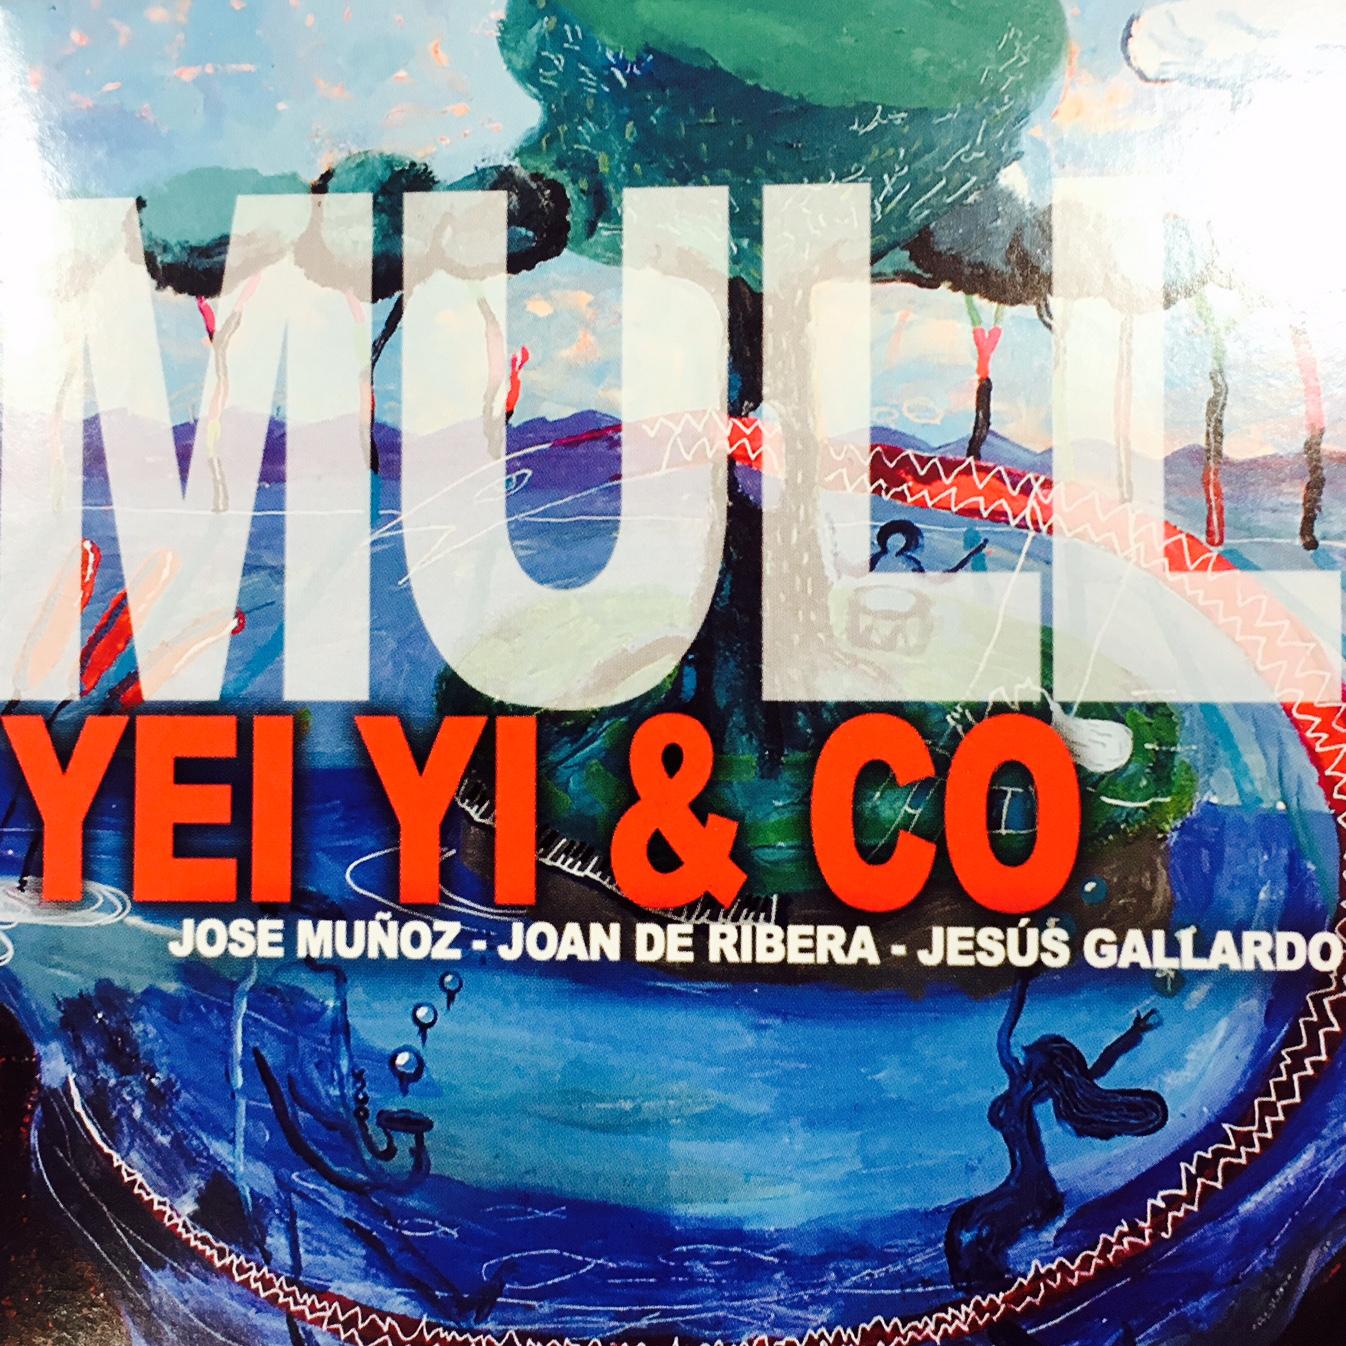 YEI YI & CO